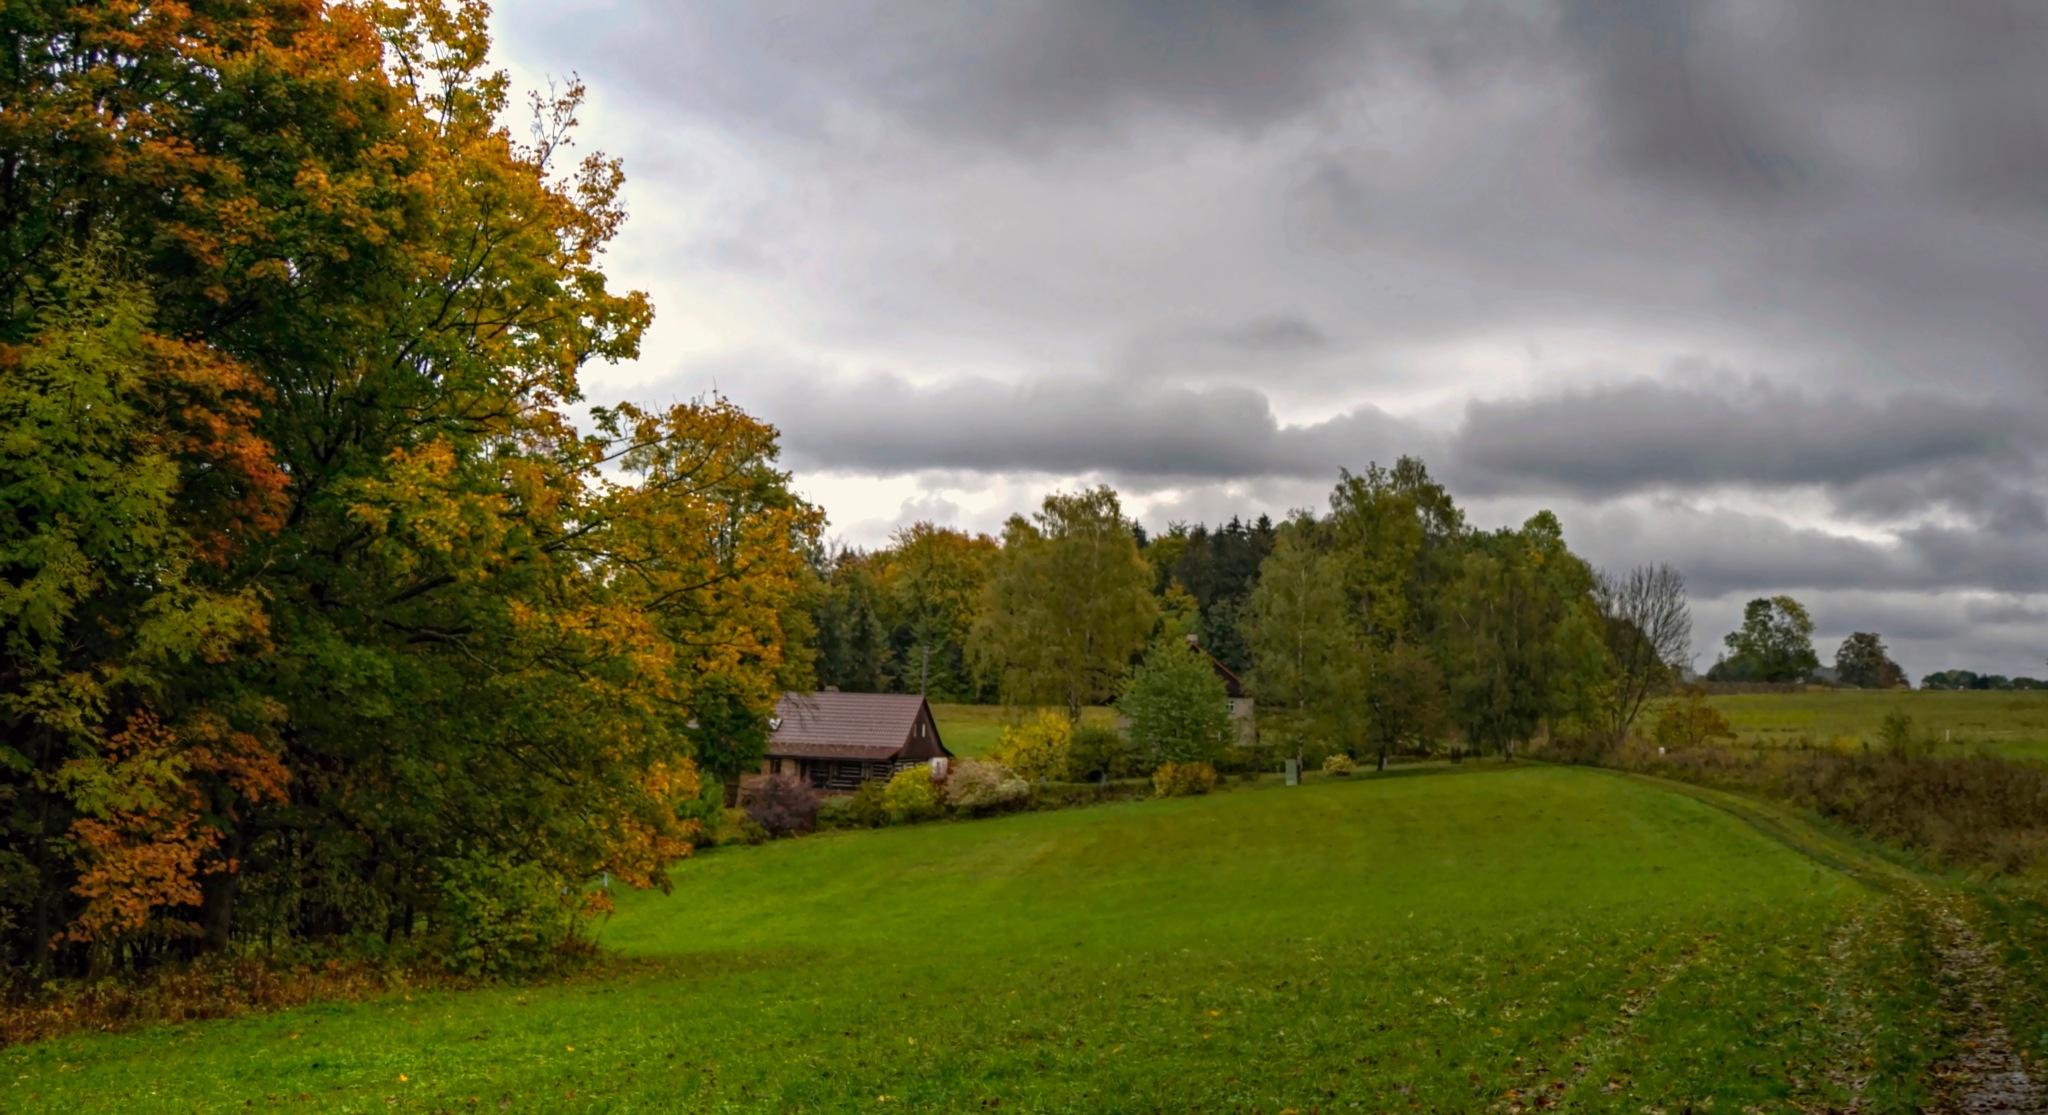 Deštivý podzim by Hana